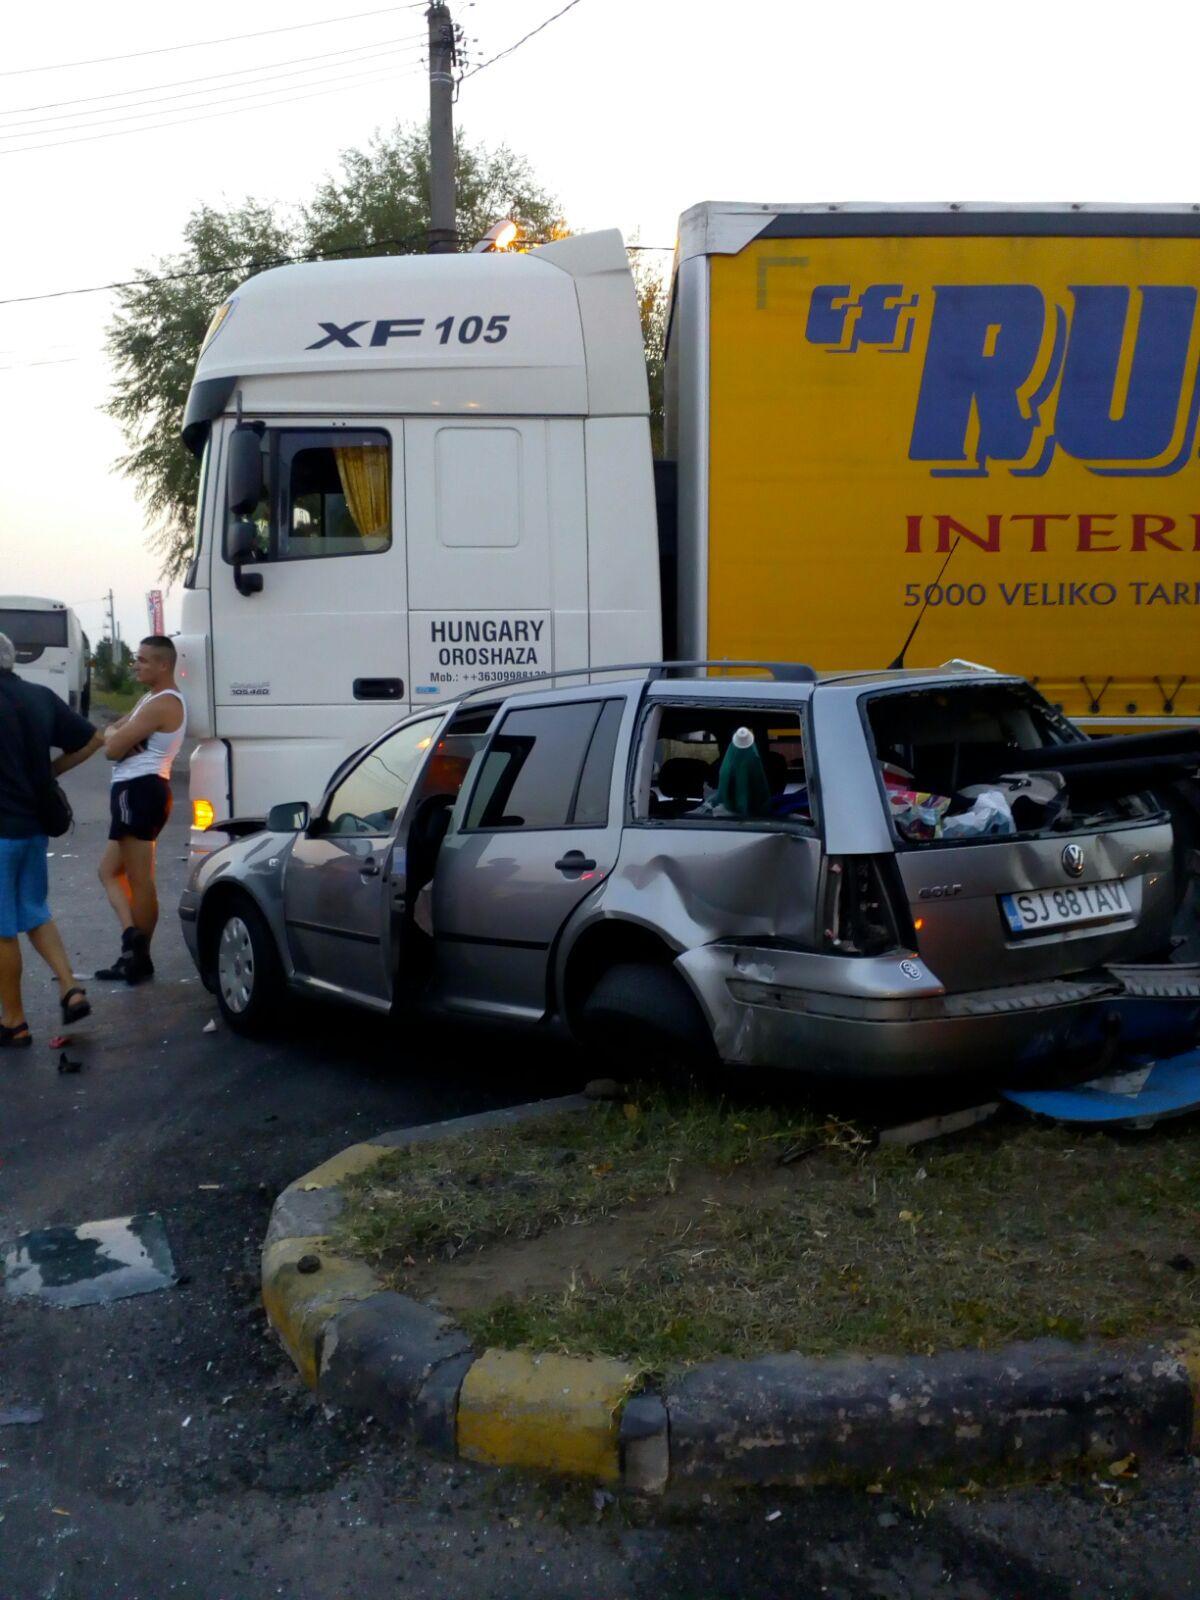 FOTO | Patru răniţi, în urma unui accident între o maşină şi un autocar cu pasageri, în judeţul Giurgiu/ Un copil, în stare gravă